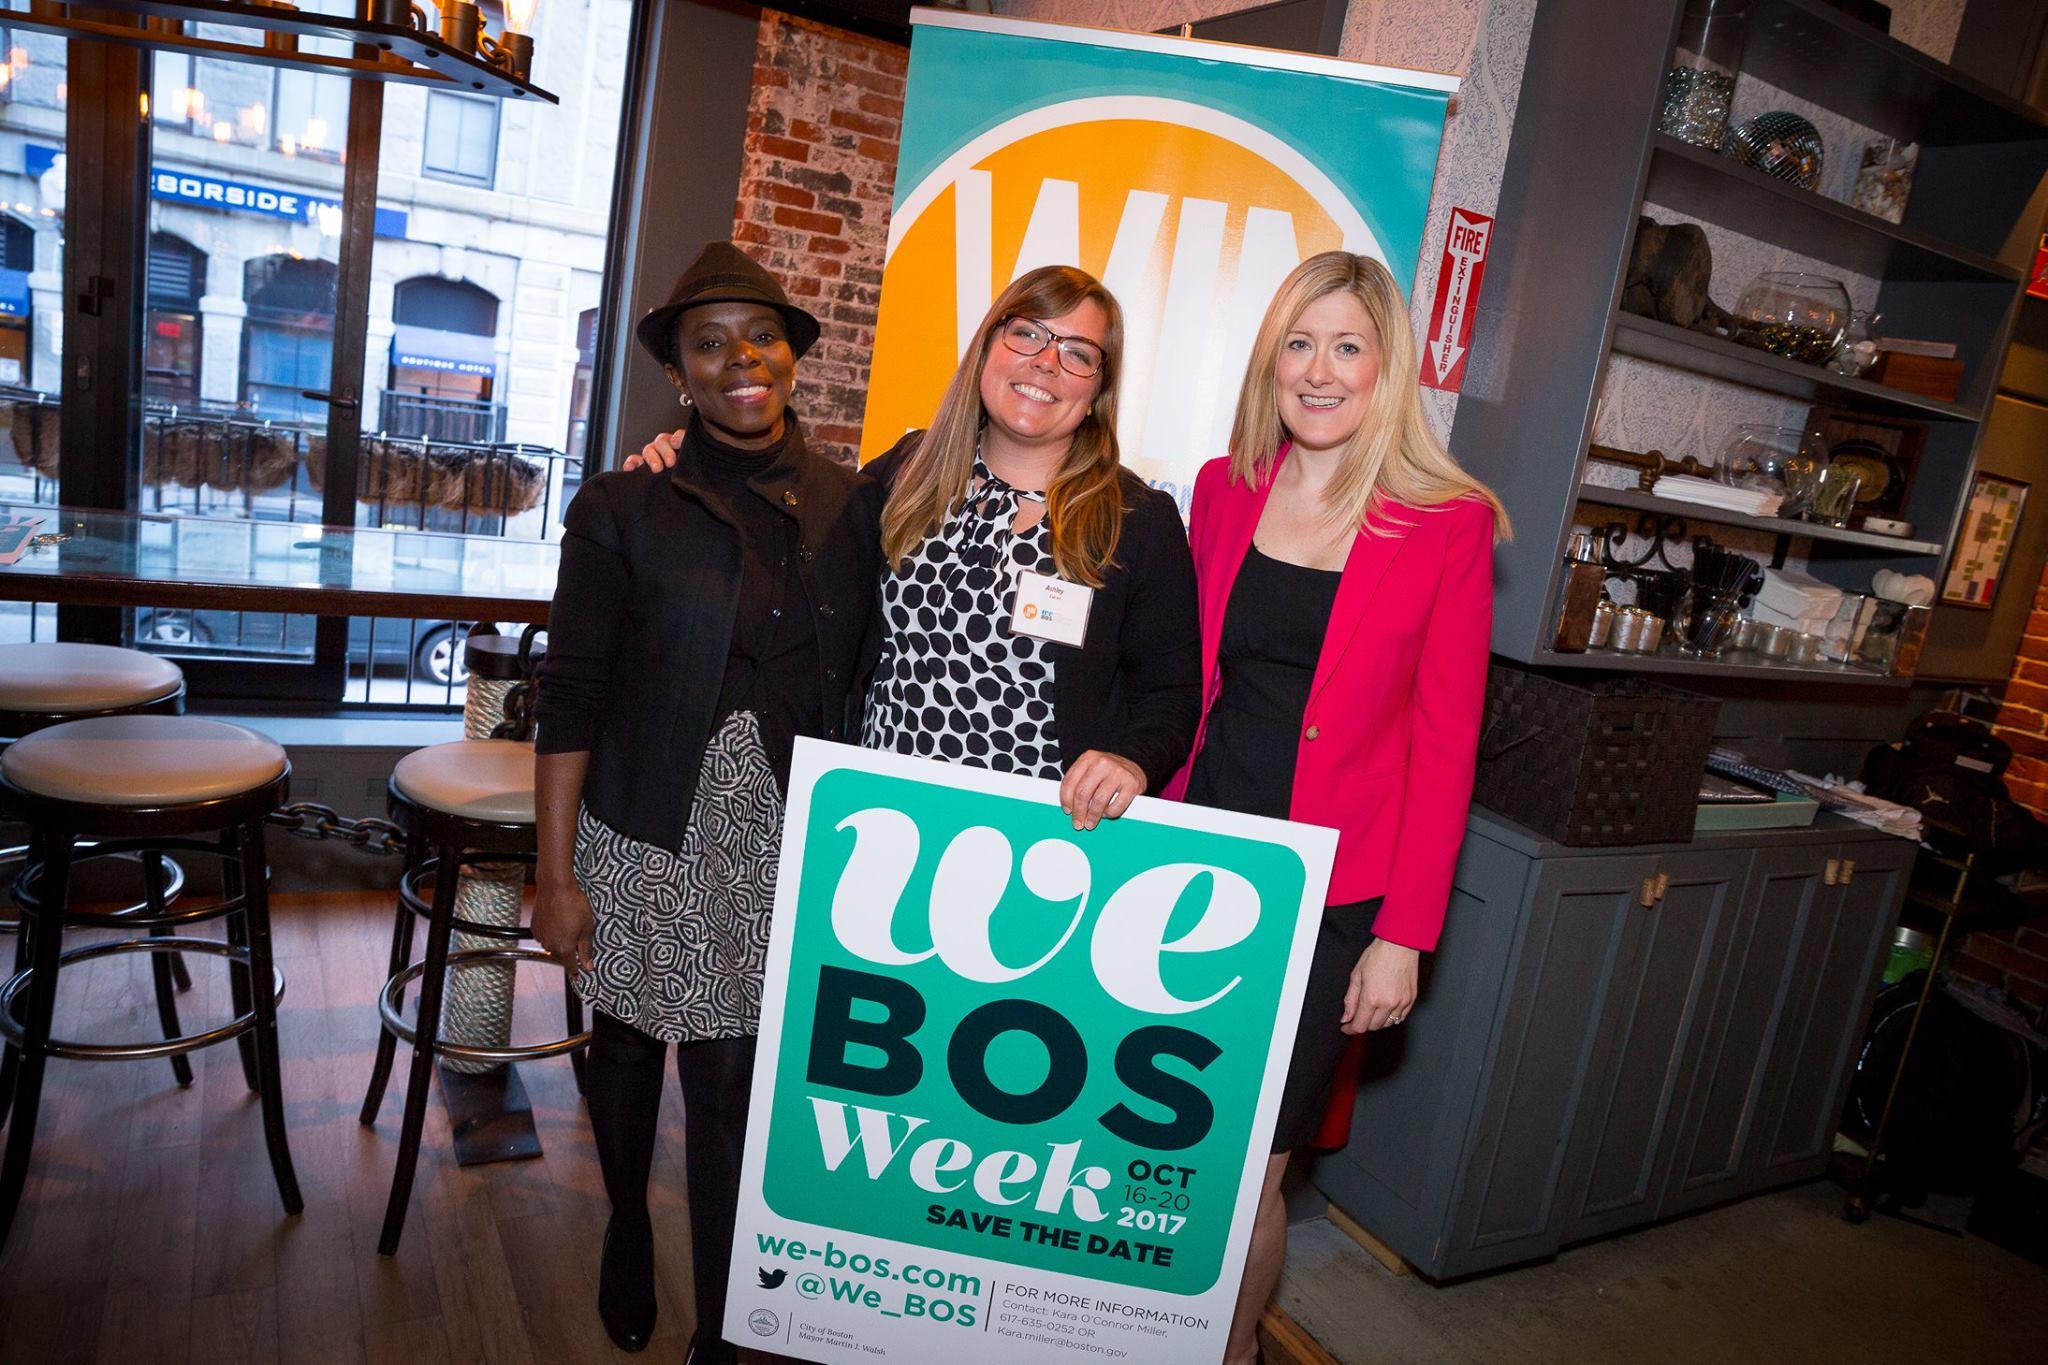 women_entrepreneurs_boston.jpg